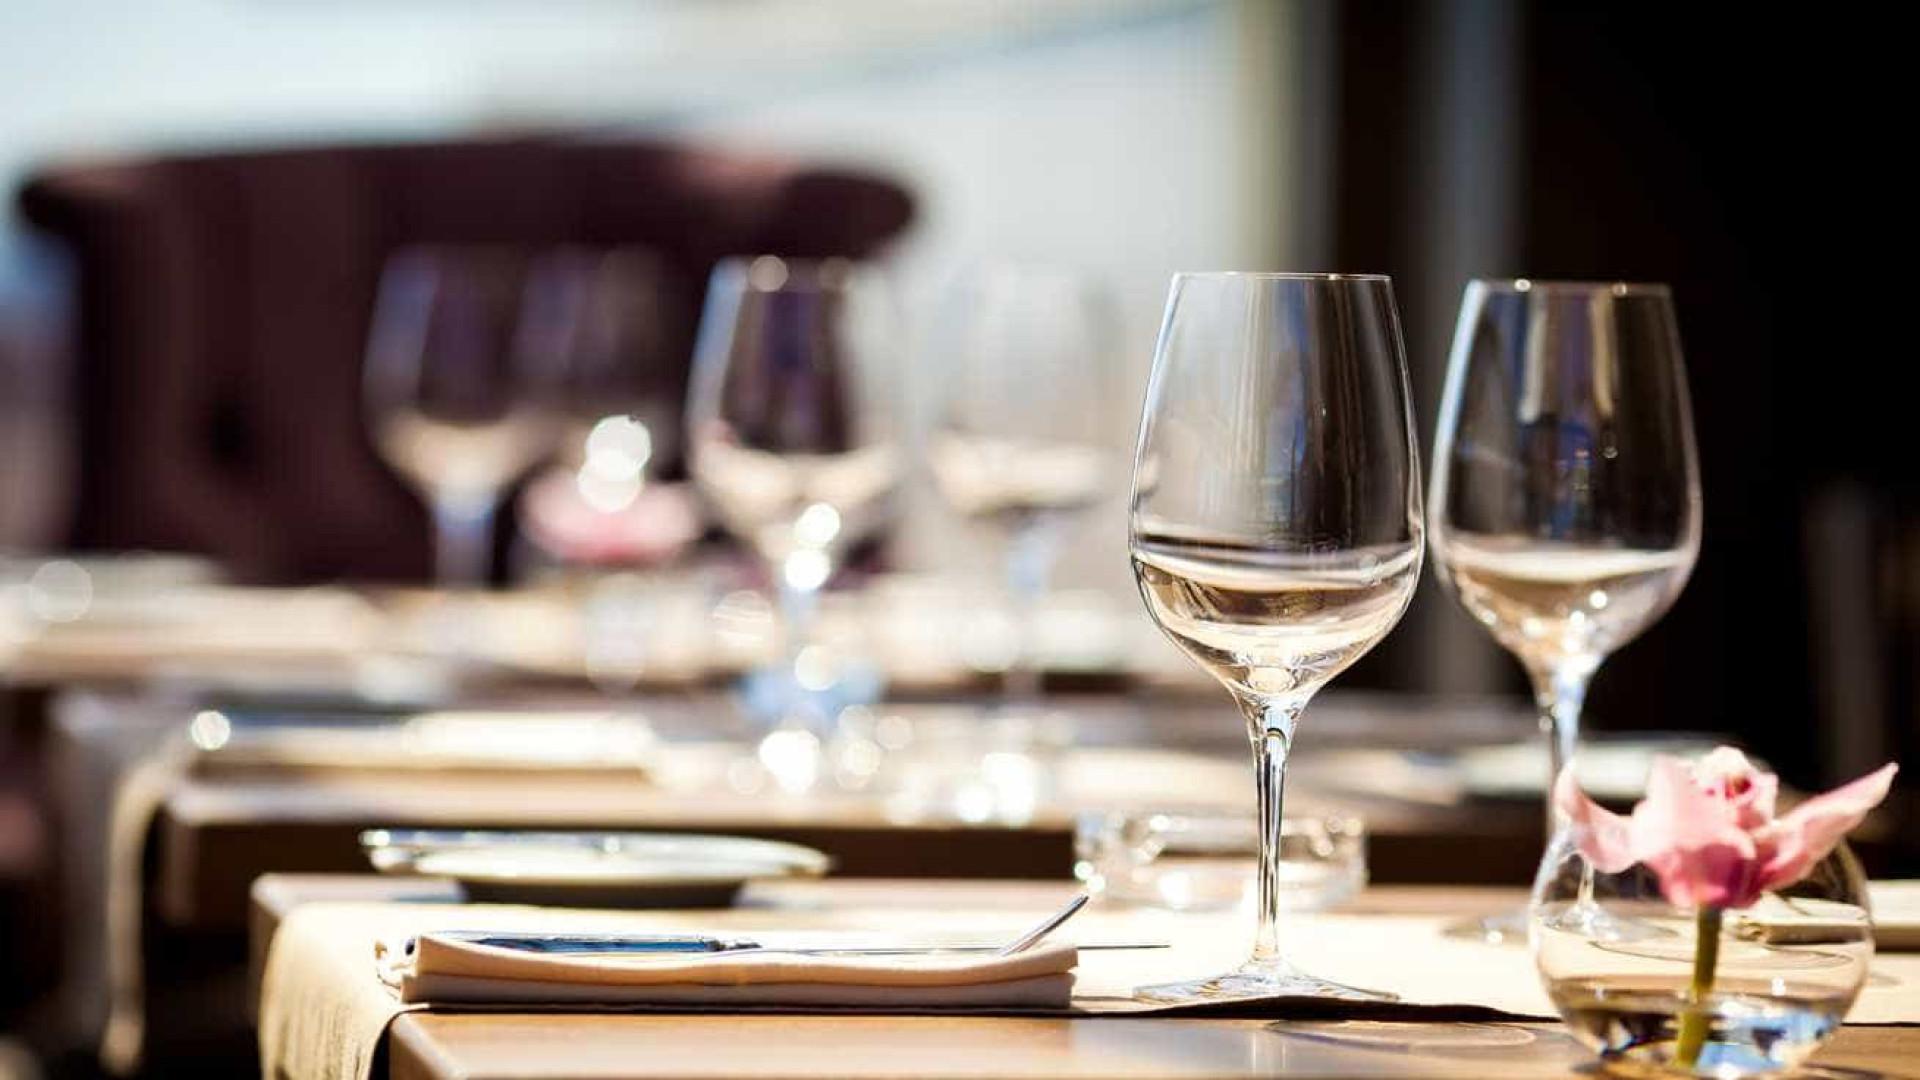 Restaurante acusado de ocultar ementa para cobrar preços exorbitantes